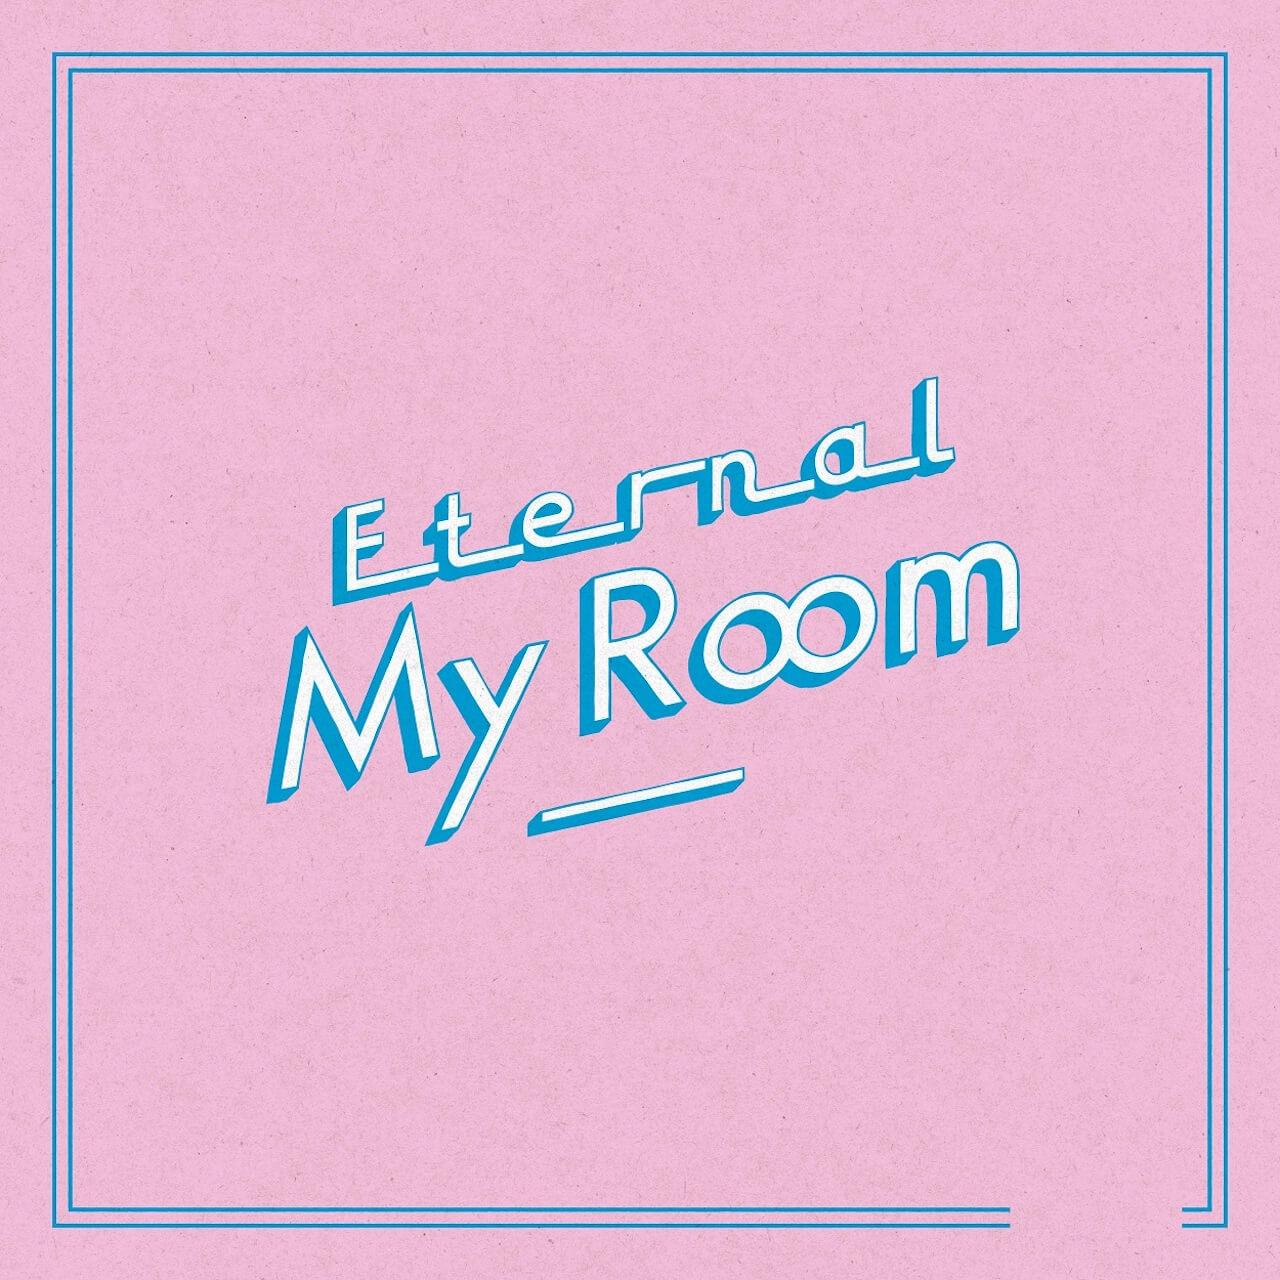 大比良瑞希が新曲「Eternal My Room」をリリース|MV監督は22歳・市川稜 music191225-ohiramizuki-2